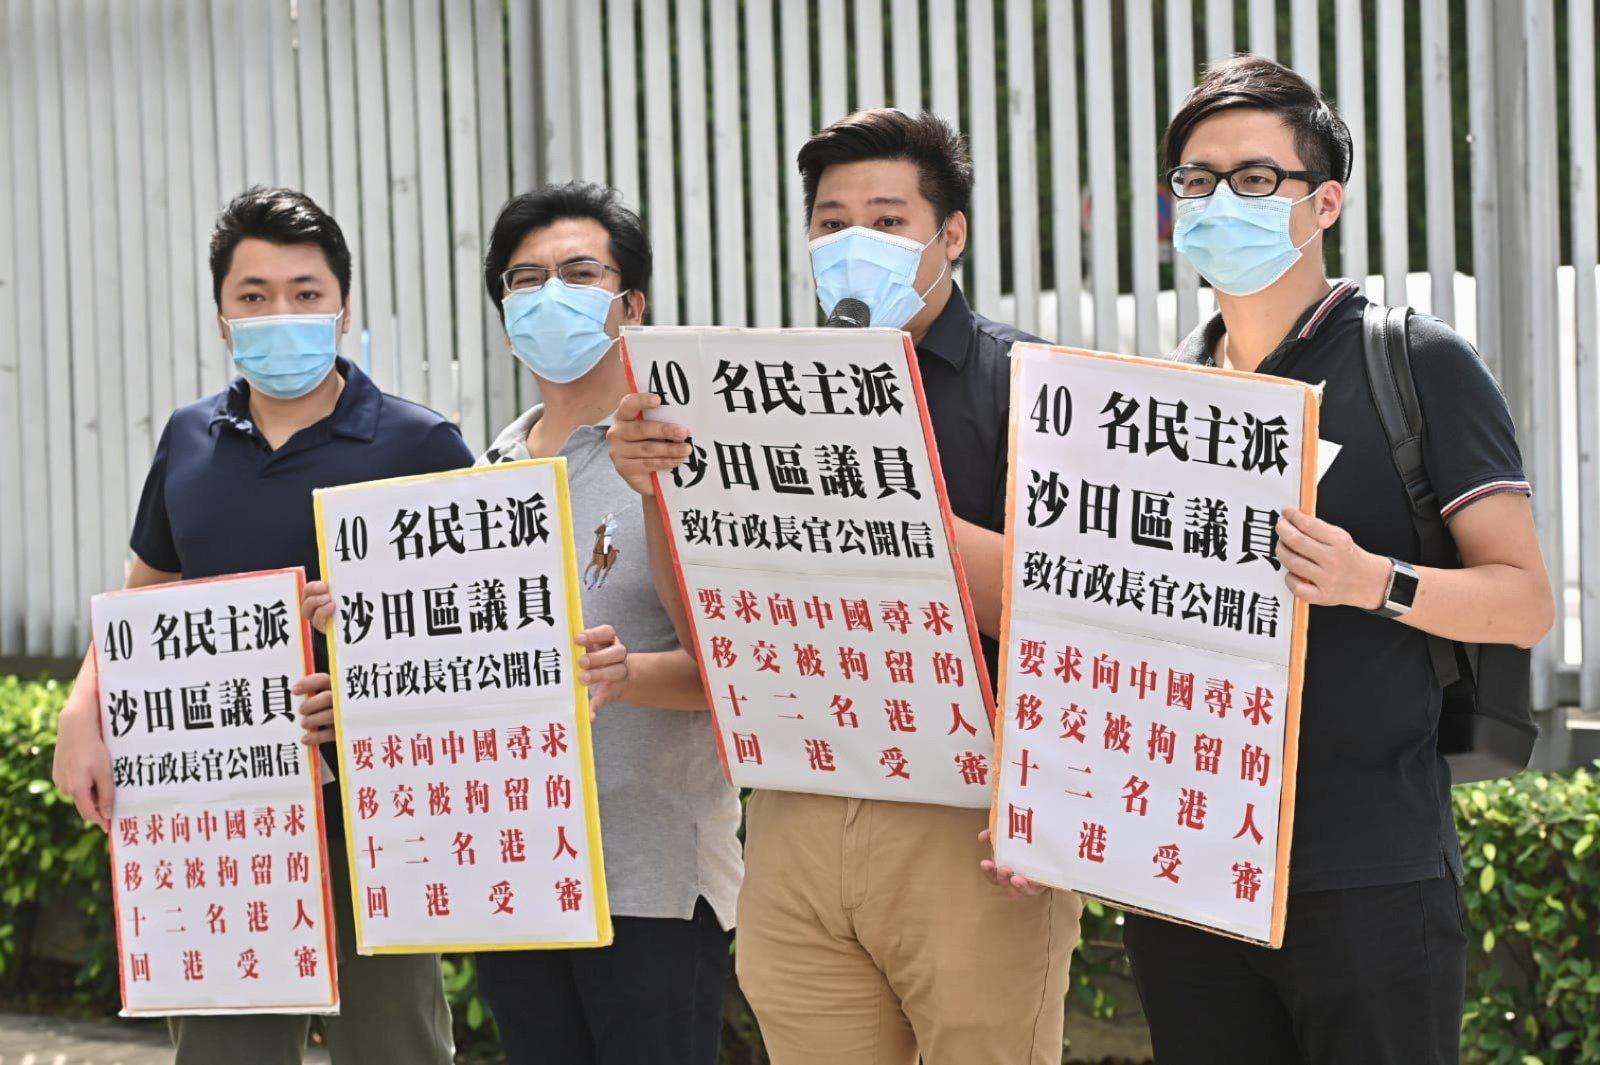 12名港人疑潛逃台灣時被中共海警拘捕,至今音訊全無,民主派區議員要求港府回應家屬四大訴求。(宋碧龍/大紀元)